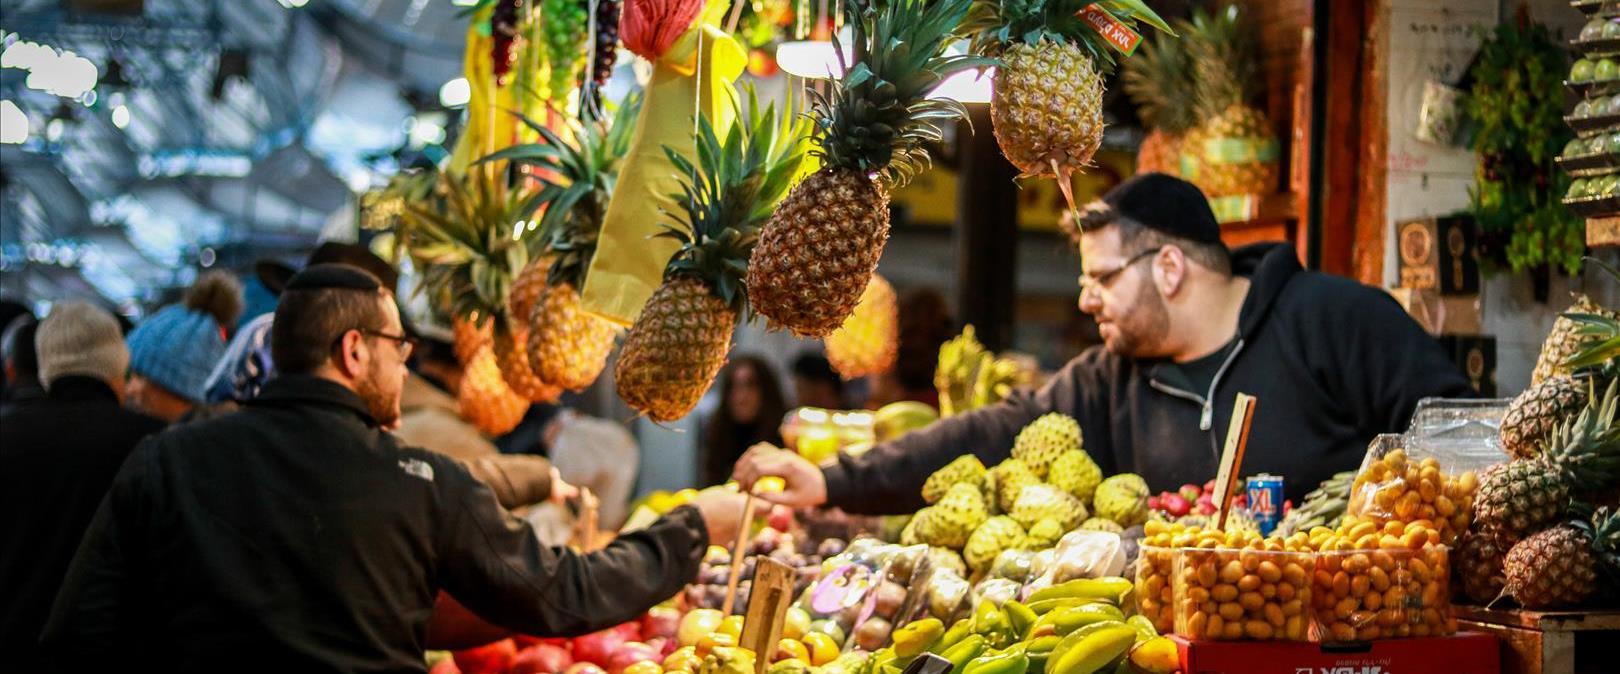 דוכן פירות בשוק מחנה יהודה